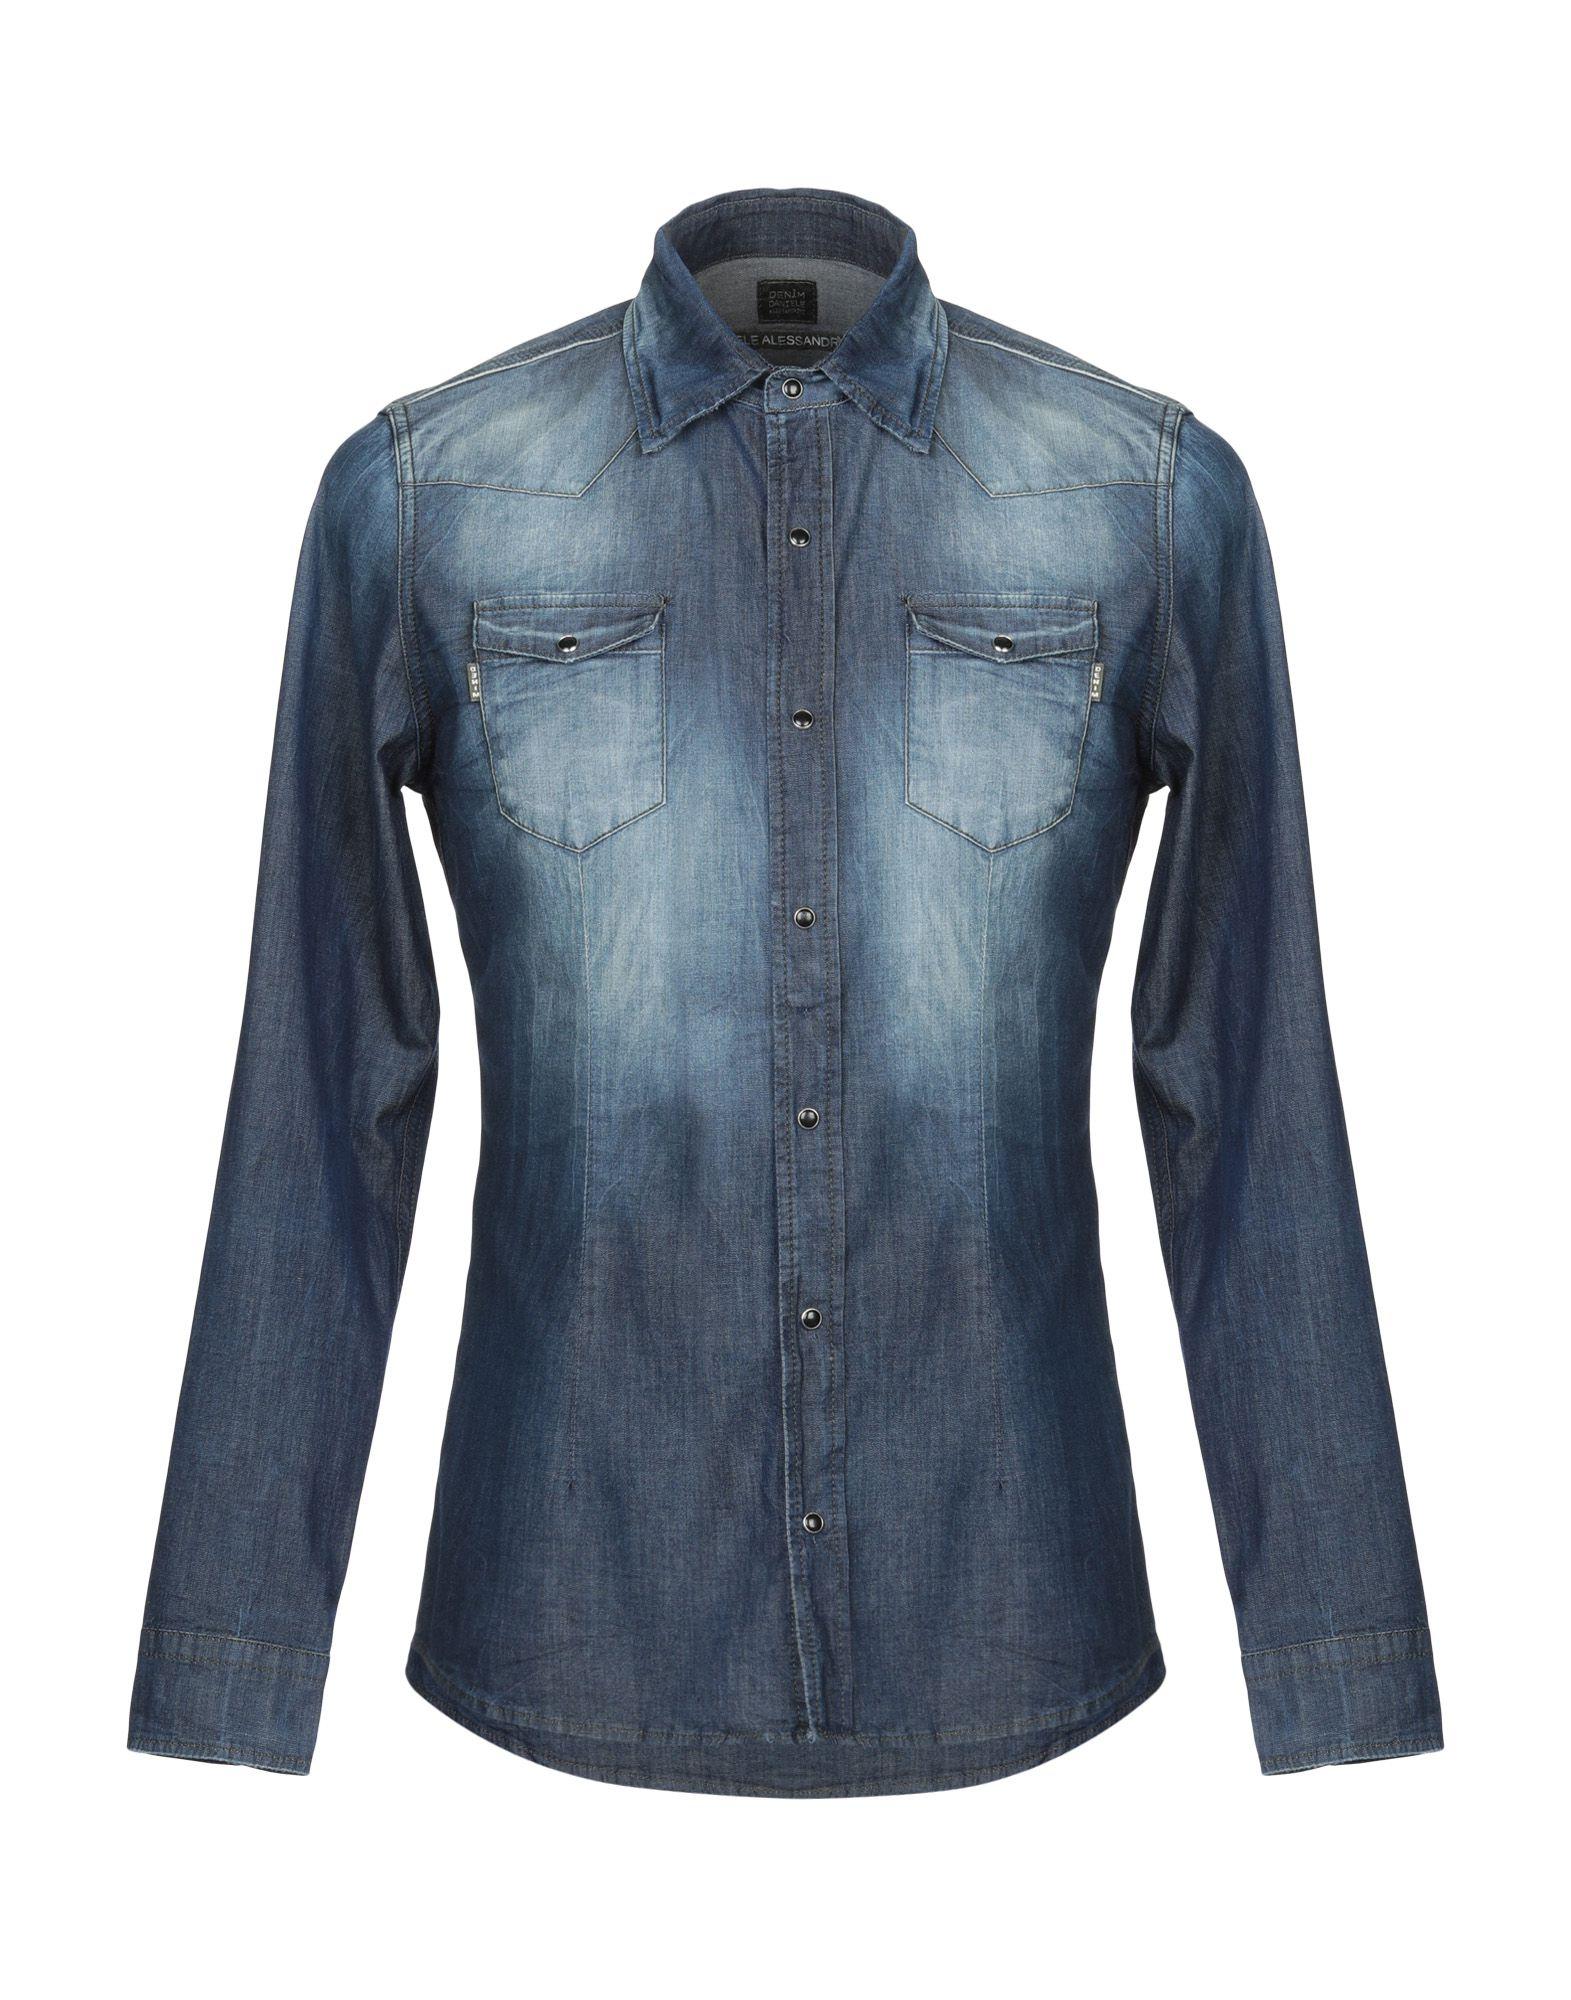 DANIELE ALESSANDRINI Джинсовая рубашка daniele alessandrini джинсовая рубашка